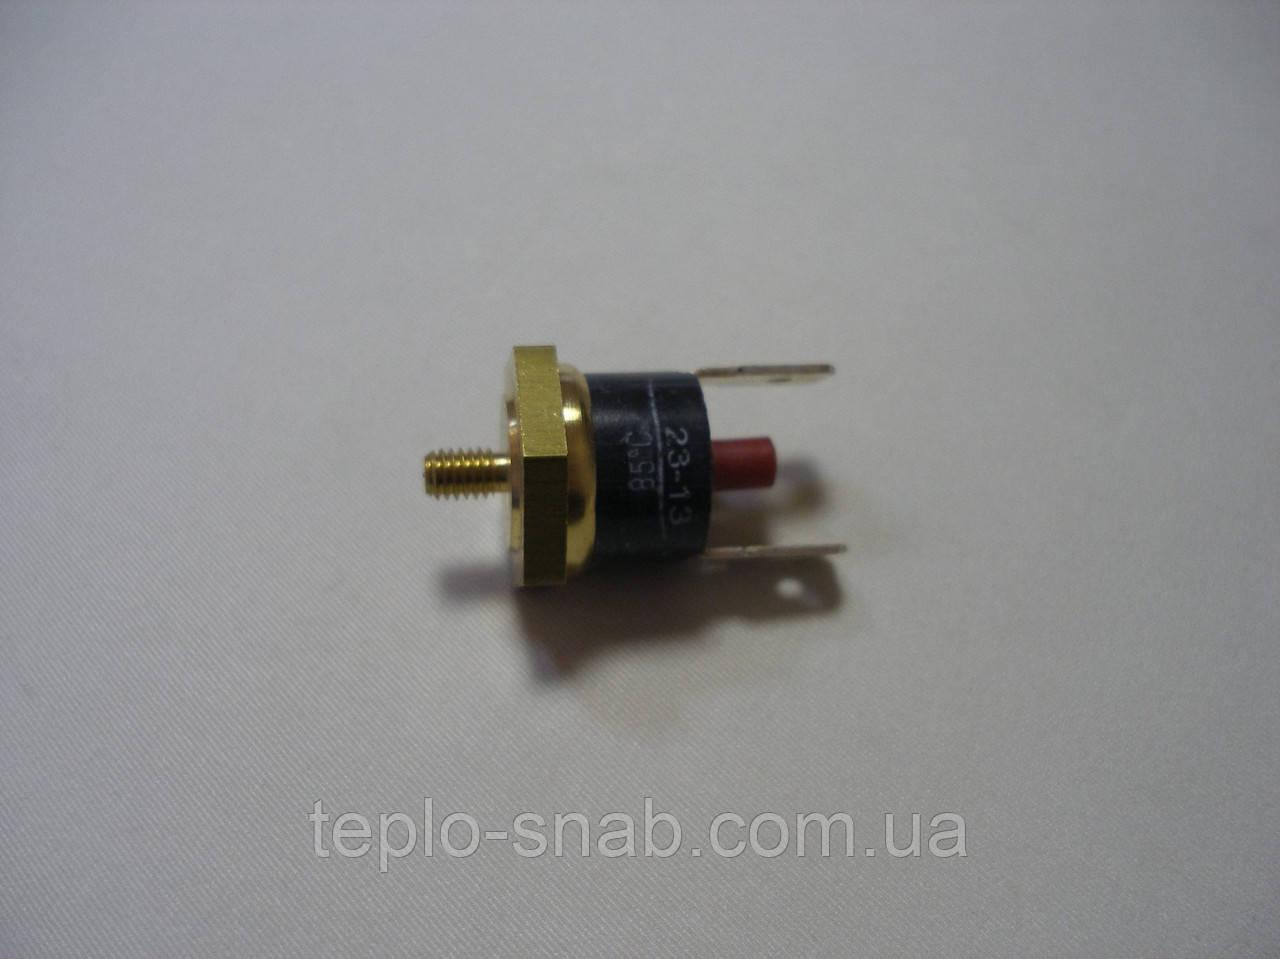 Термостат безопасности (по тяге) 85°С Westen/Baxi. 8435330